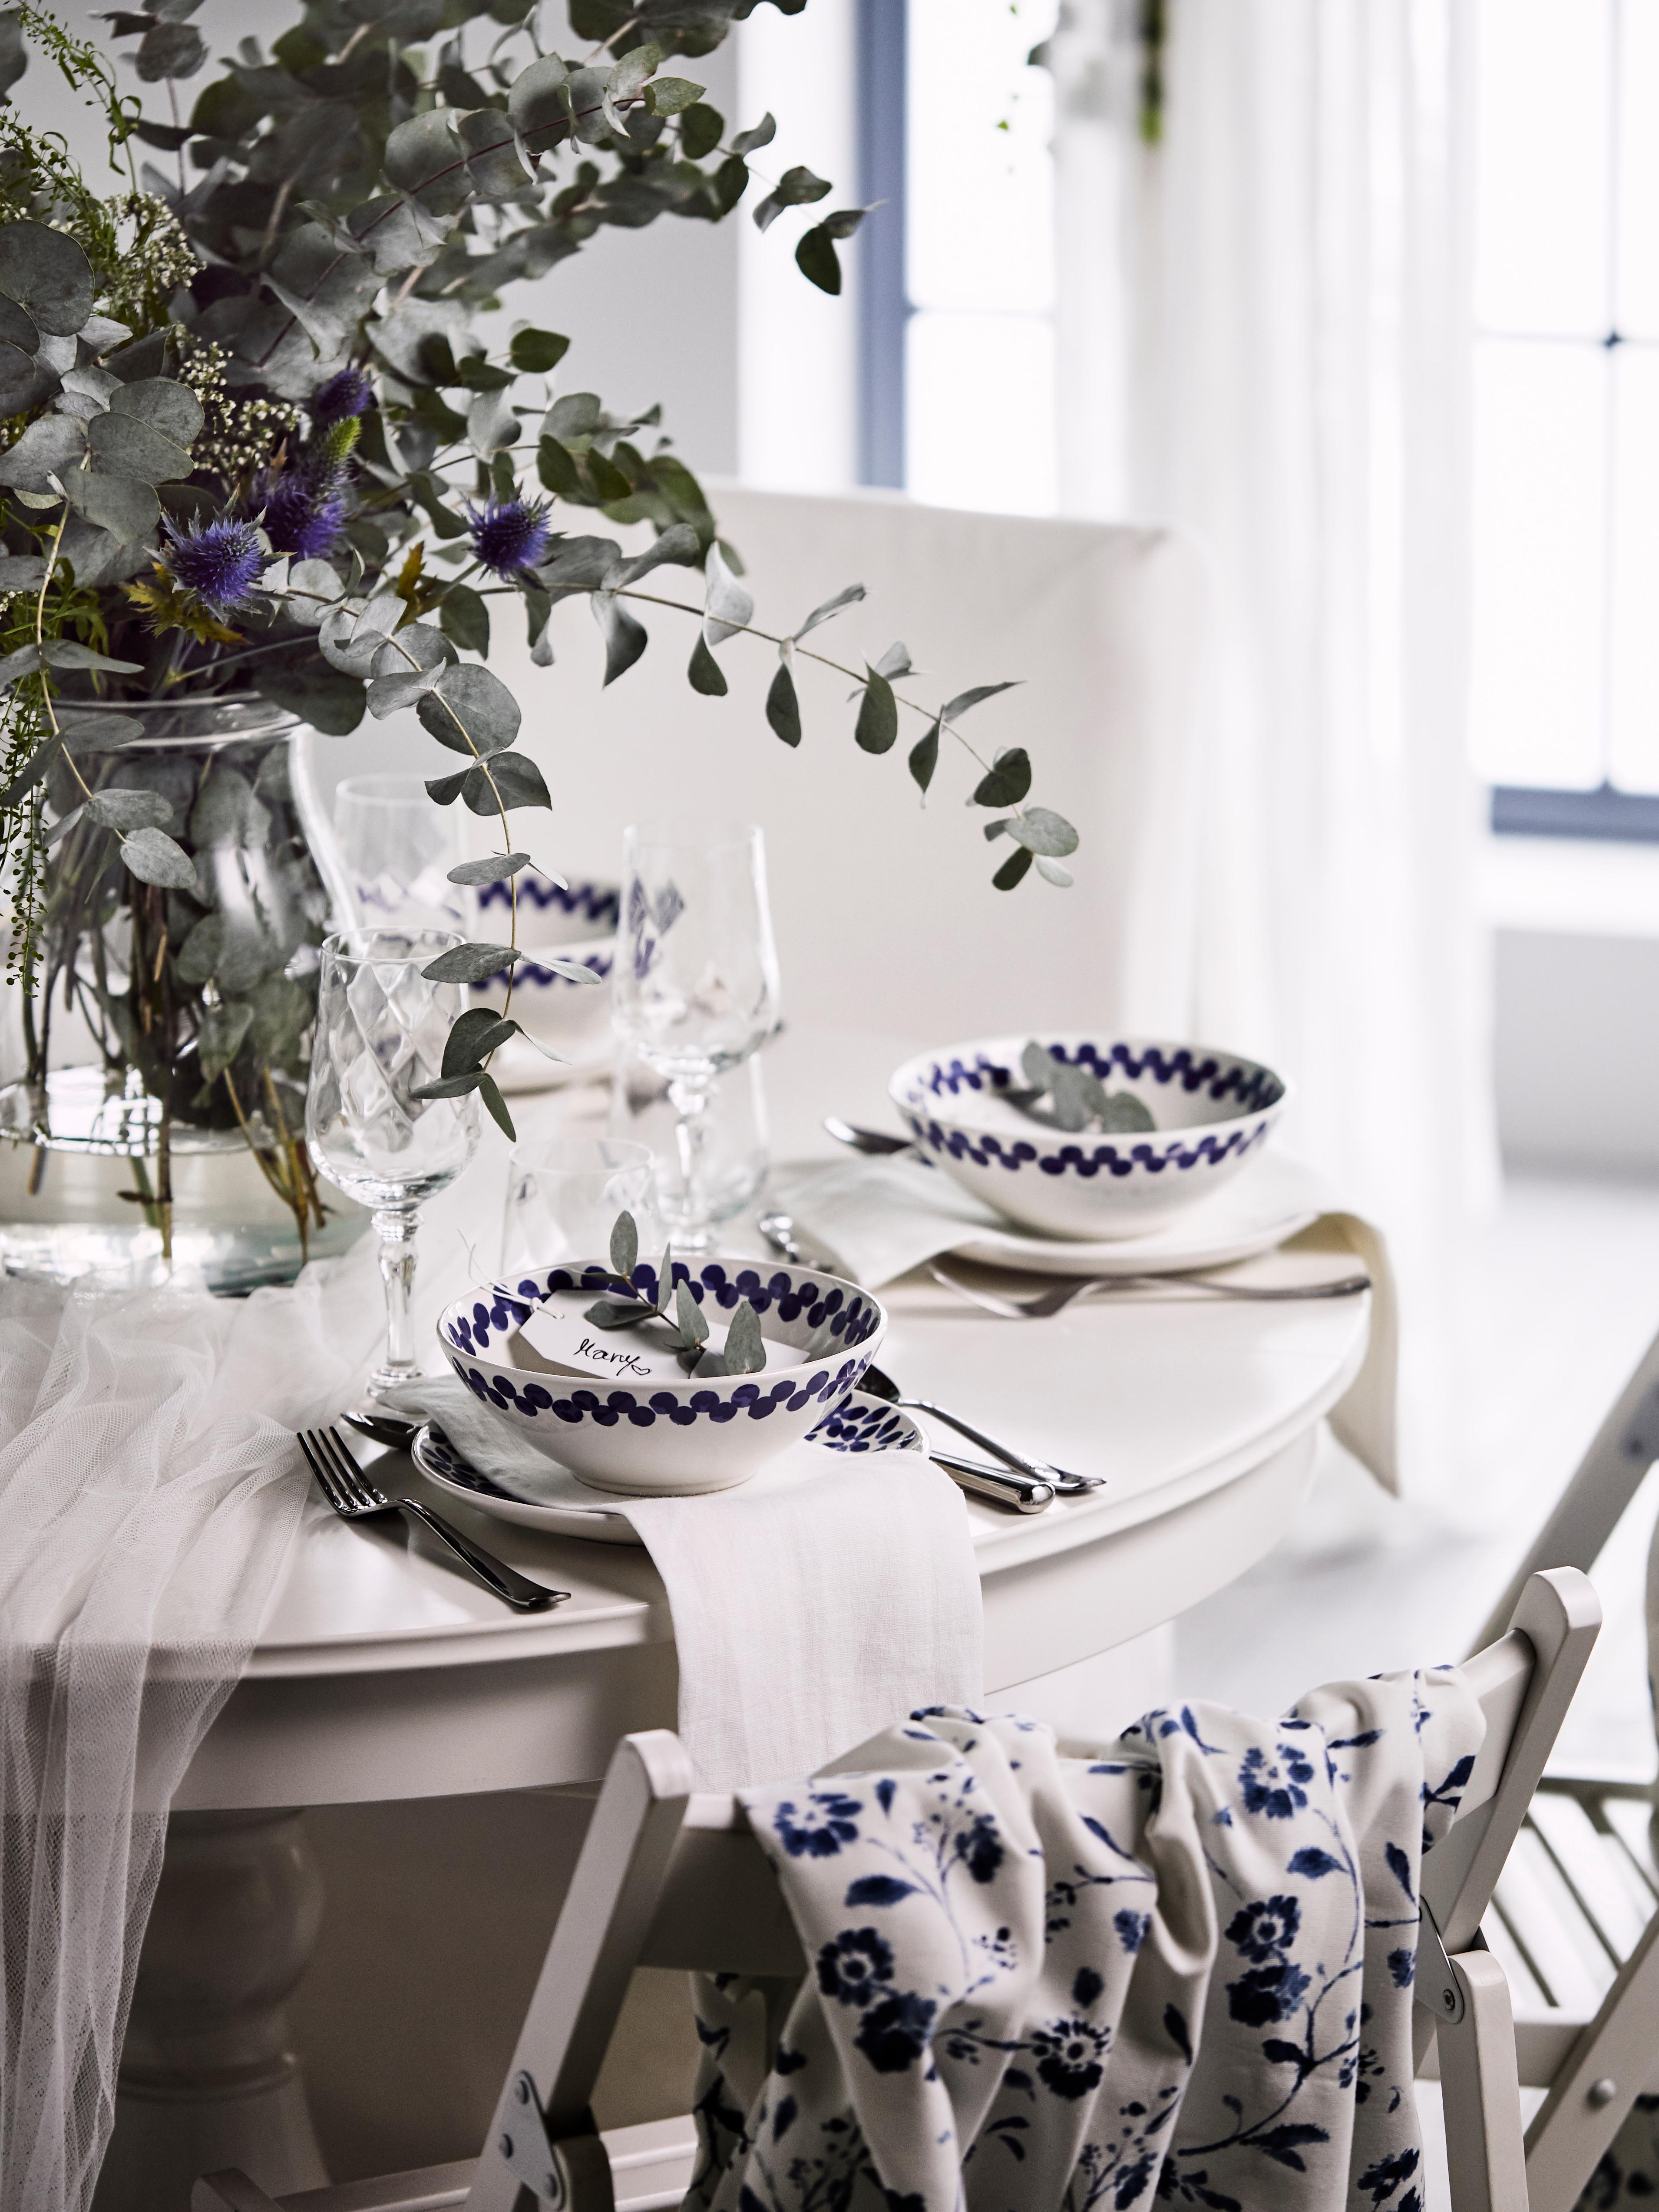 Bols MEDLEM à motifs blancs et bleus sur une table dressée avec des fleurs à côté de chaises pliantes blanches avec du tissu bleu-blanc.